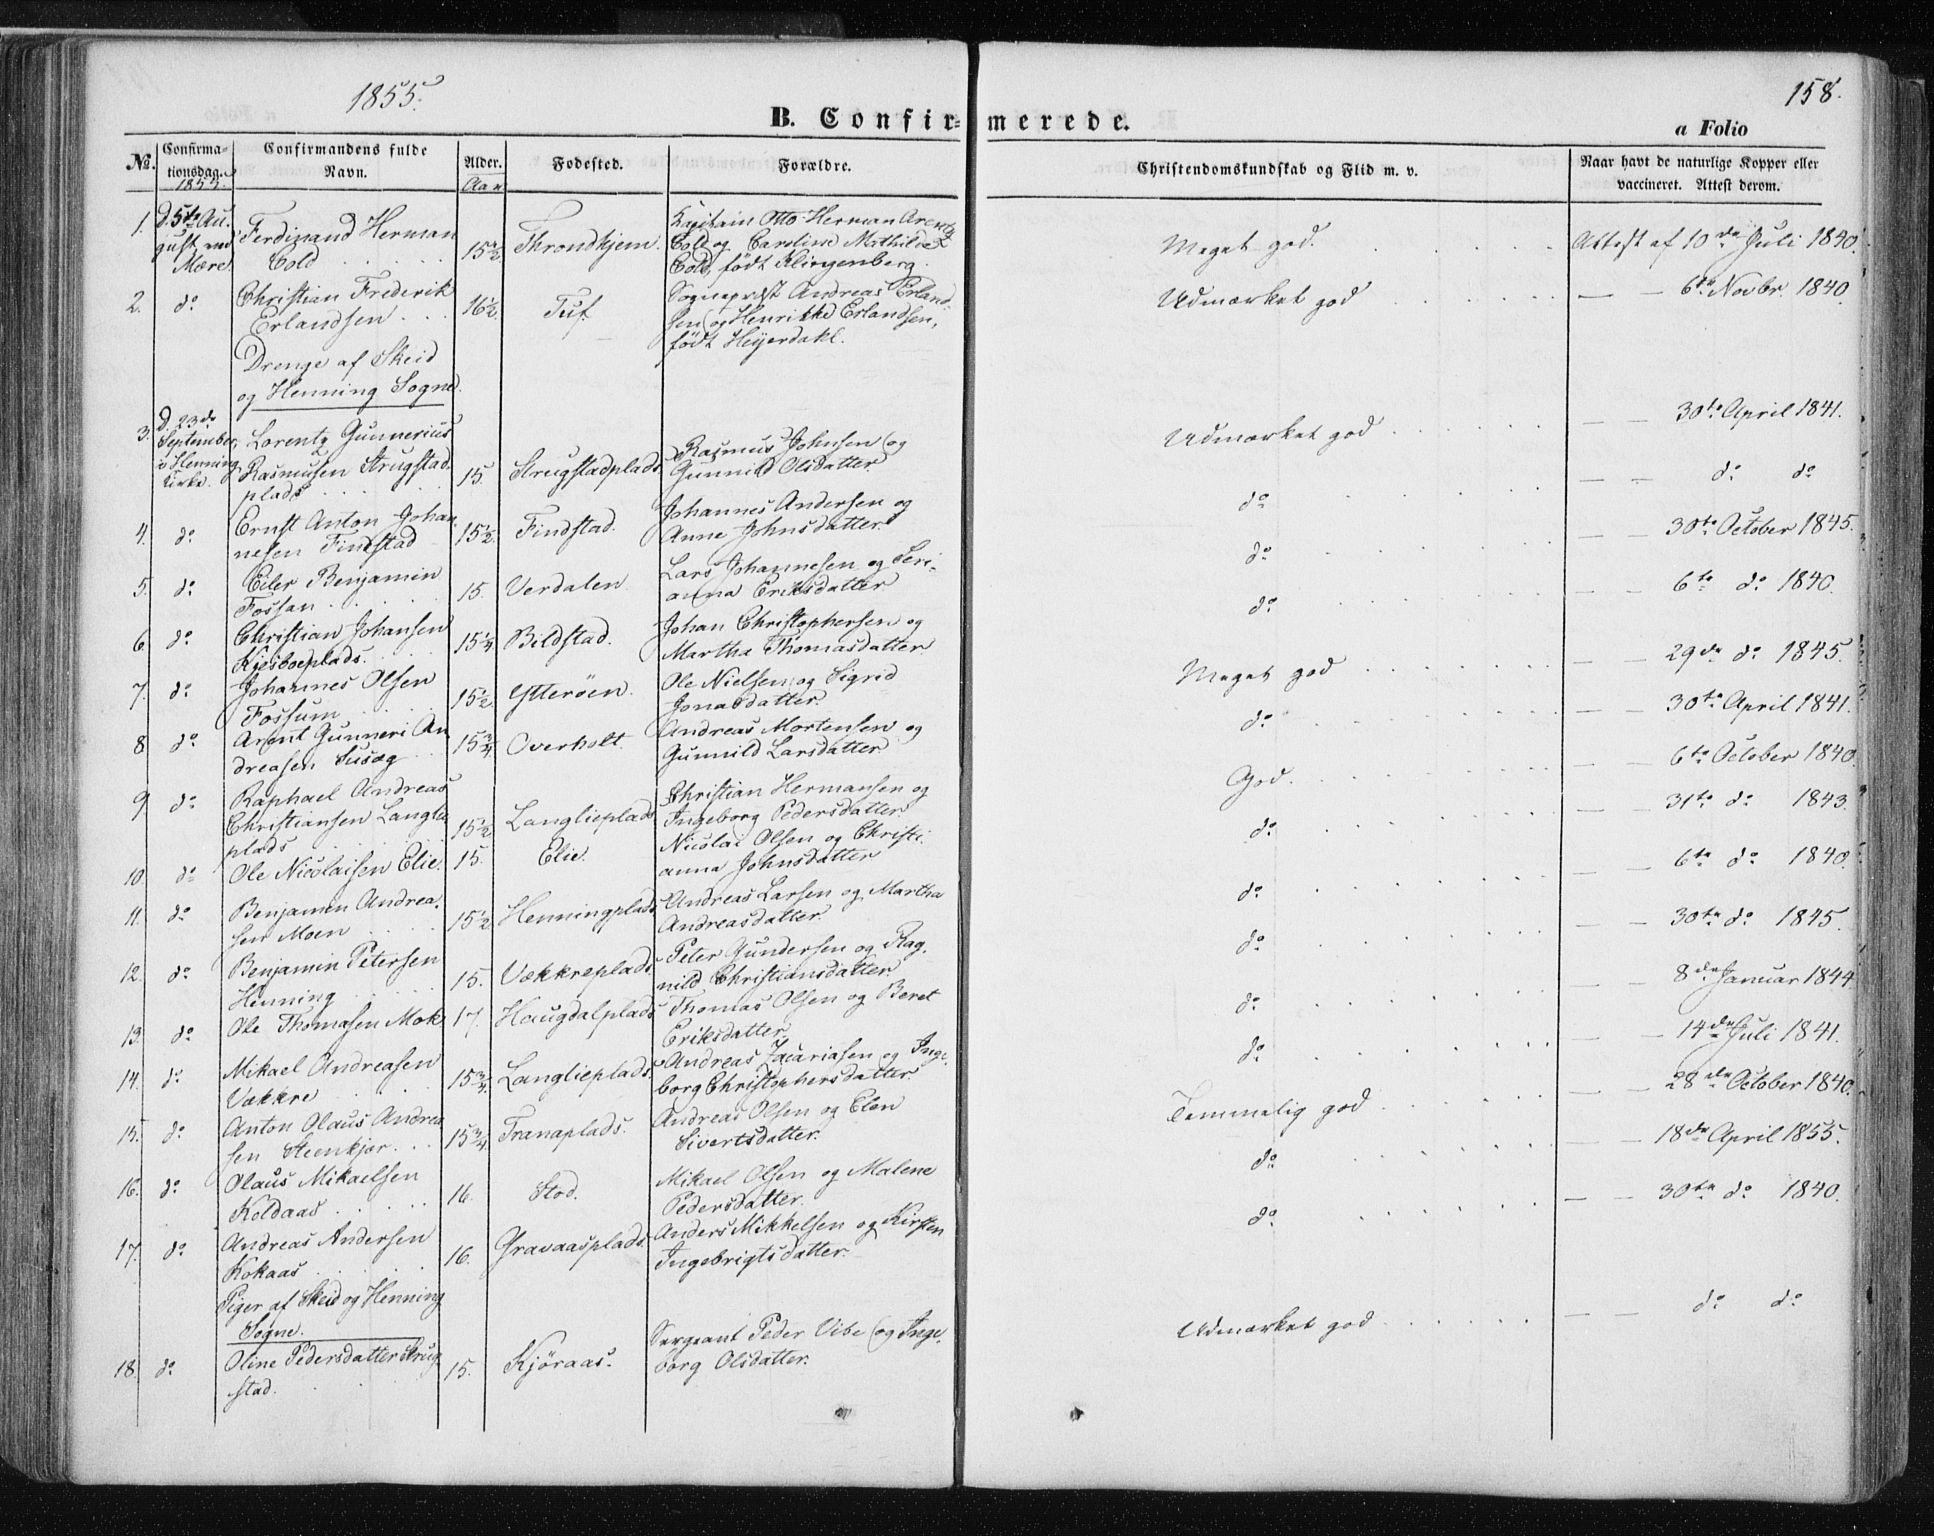 SAT, Ministerialprotokoller, klokkerbøker og fødselsregistre - Nord-Trøndelag, 735/L0342: Ministerialbok nr. 735A07 /1, 1849-1862, s. 158